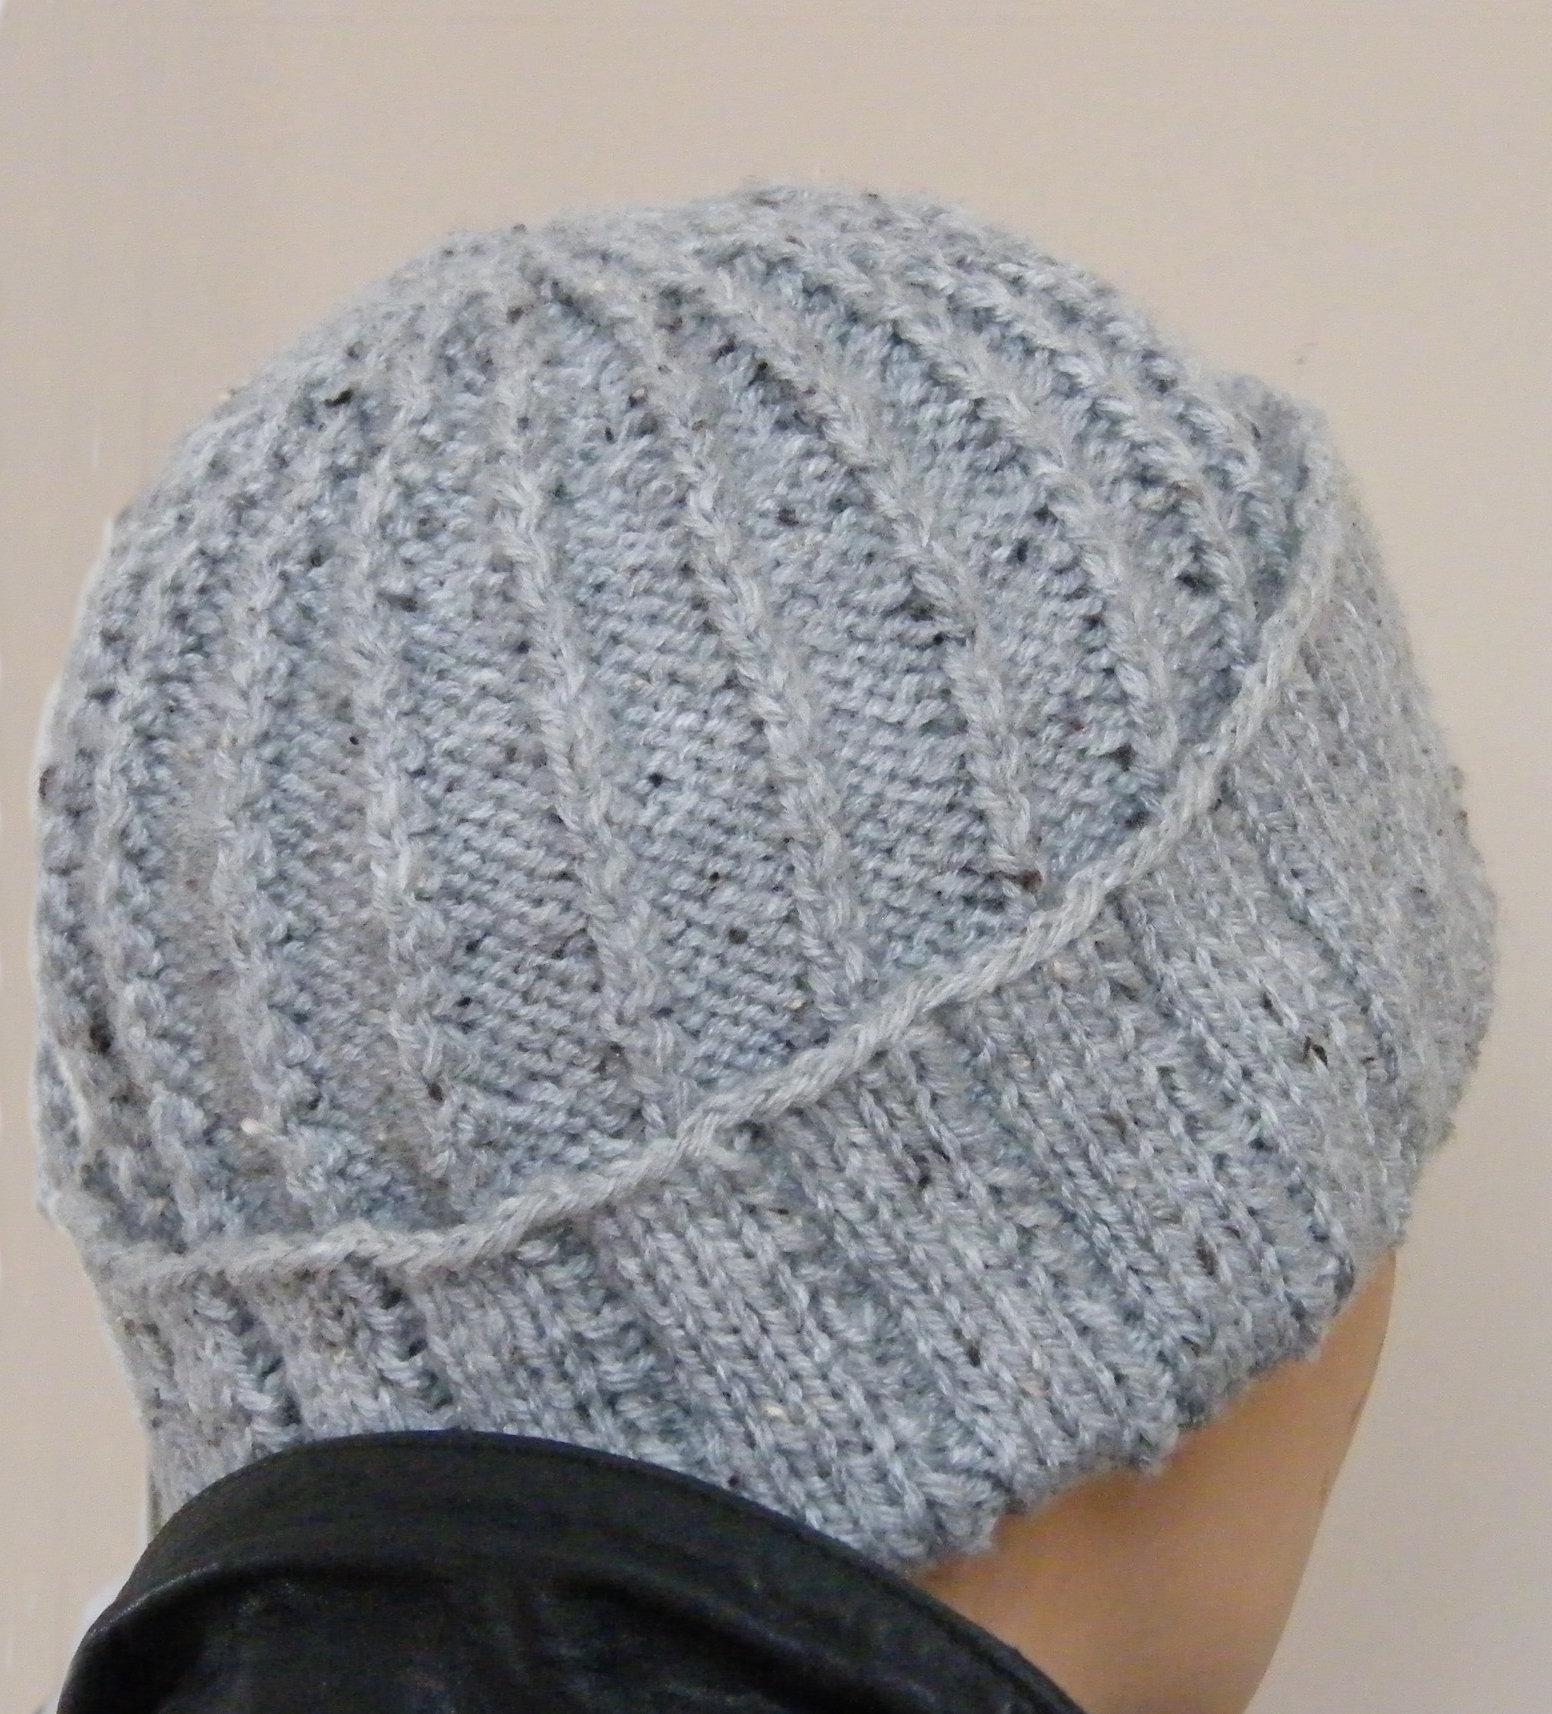 Knotted Rib Hat (Free Pattern) – Shifting Stitches